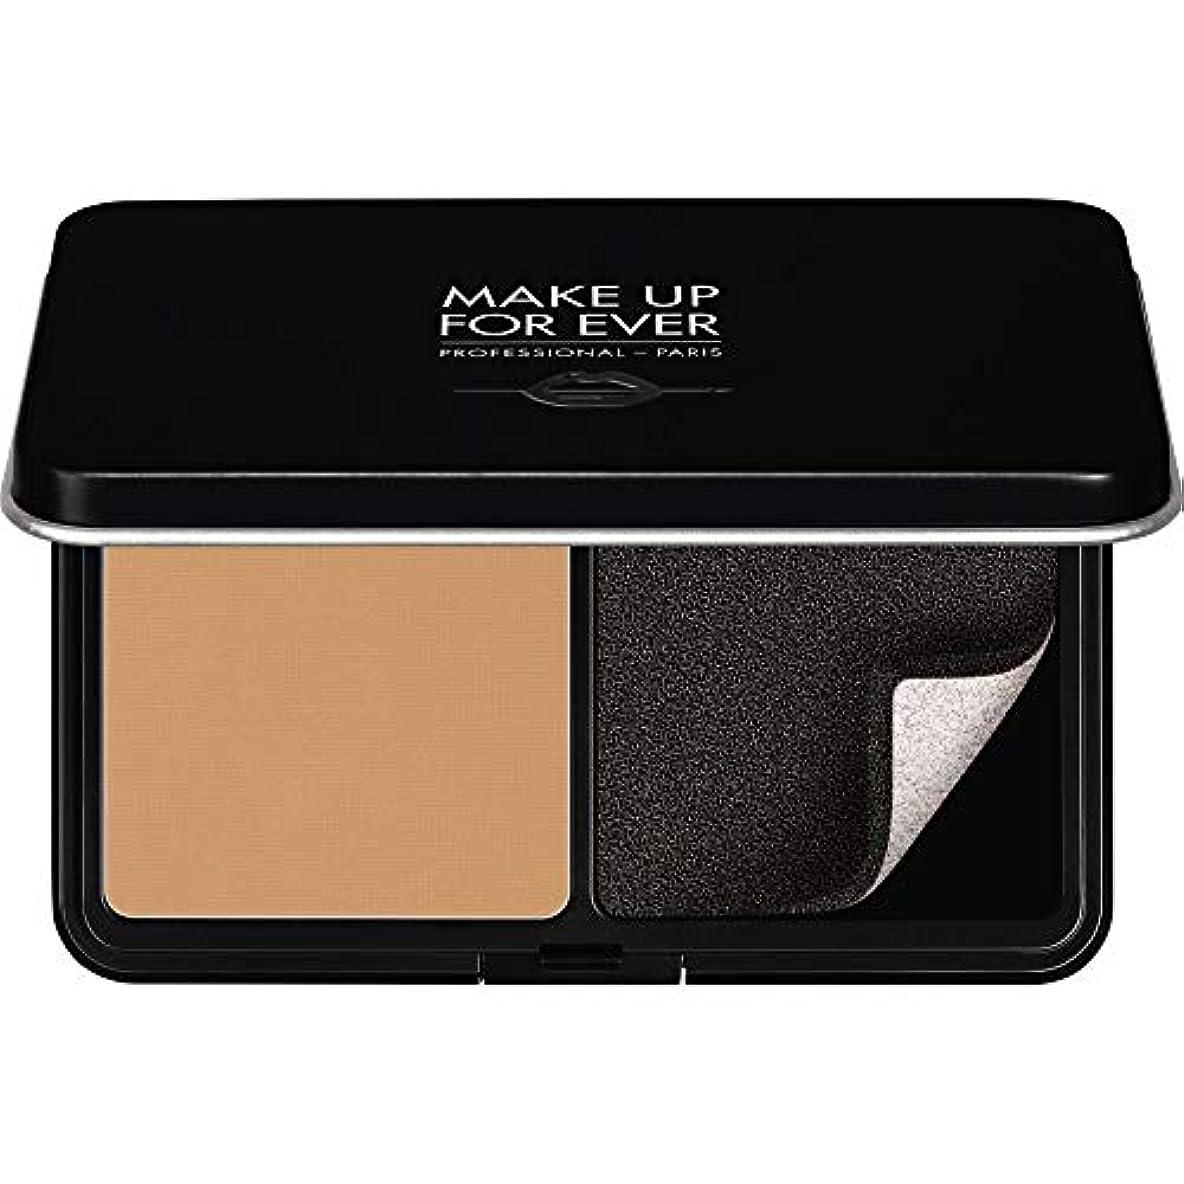 バルコニー政治的在庫[MAKE UP FOR EVER ] 黄金の砂 - パウダーファンデーション11GののY375をぼかし、これまでマットベルベットの肌を補います - MAKE UP FOR EVER Matte Velvet Skin Blurring Powder Foundation 11g Y375 - Golden Sand [並行輸入品]